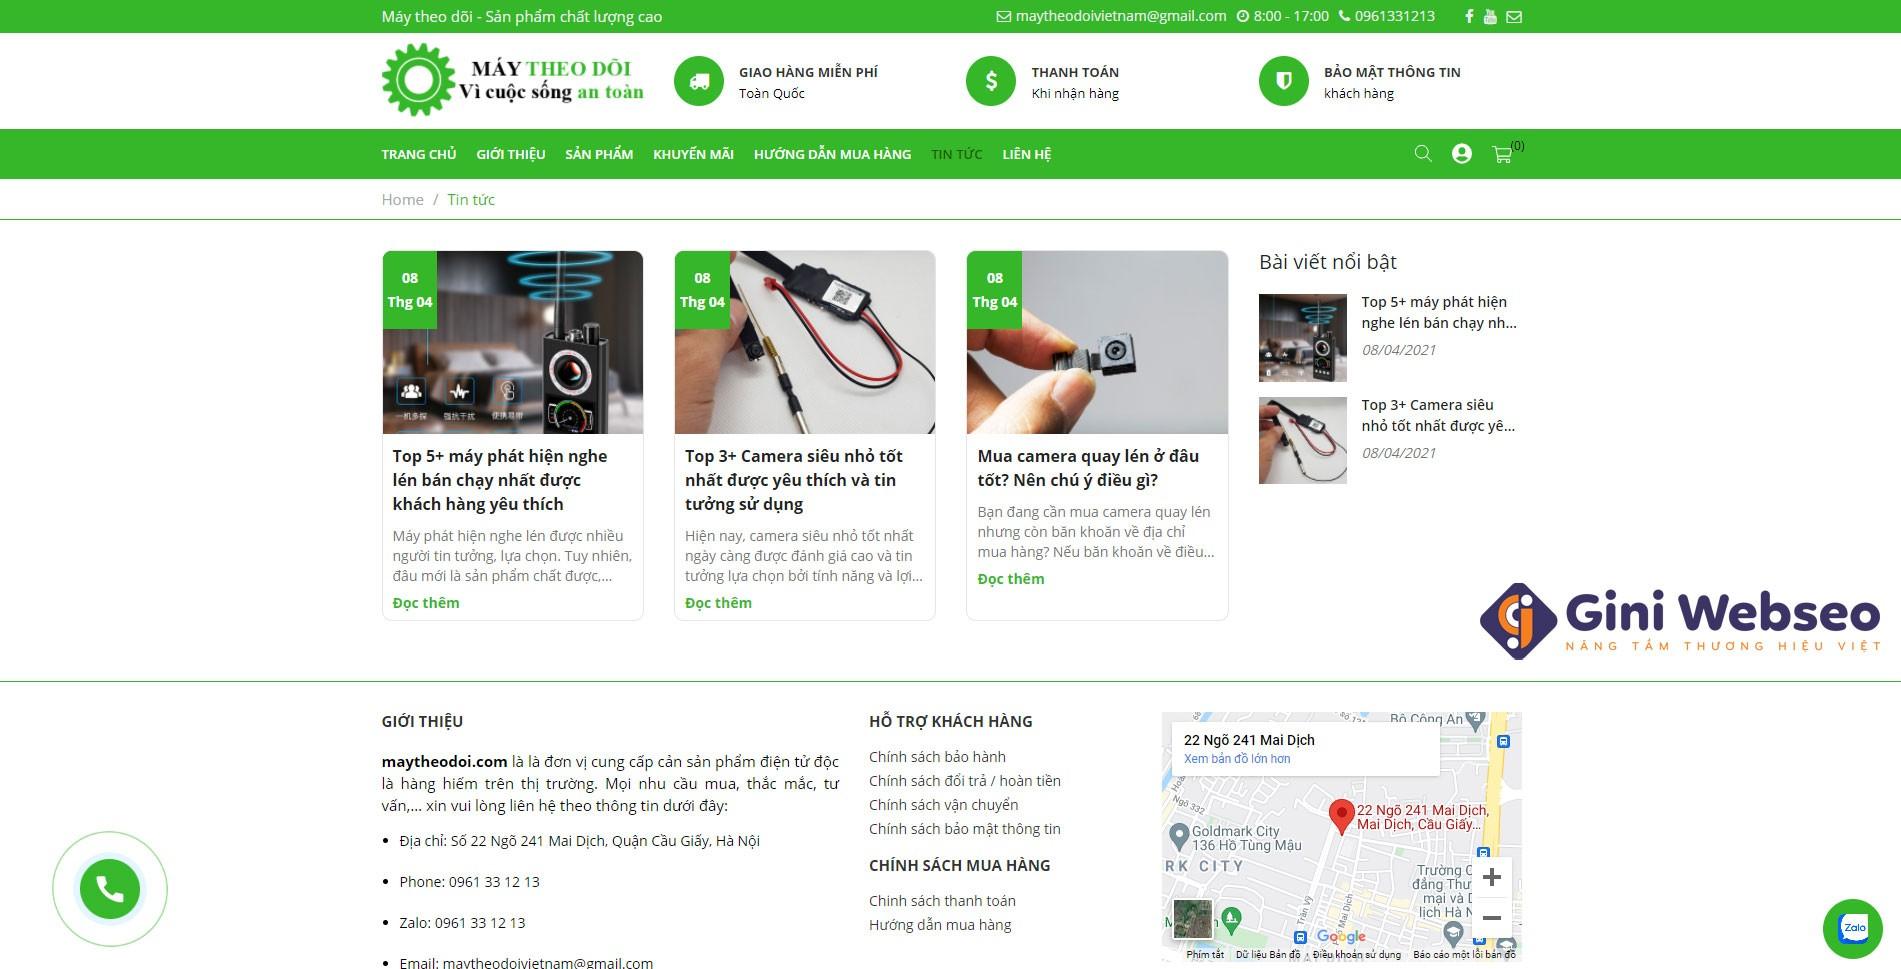 Thiết kế website thiết bị máy theo dõi